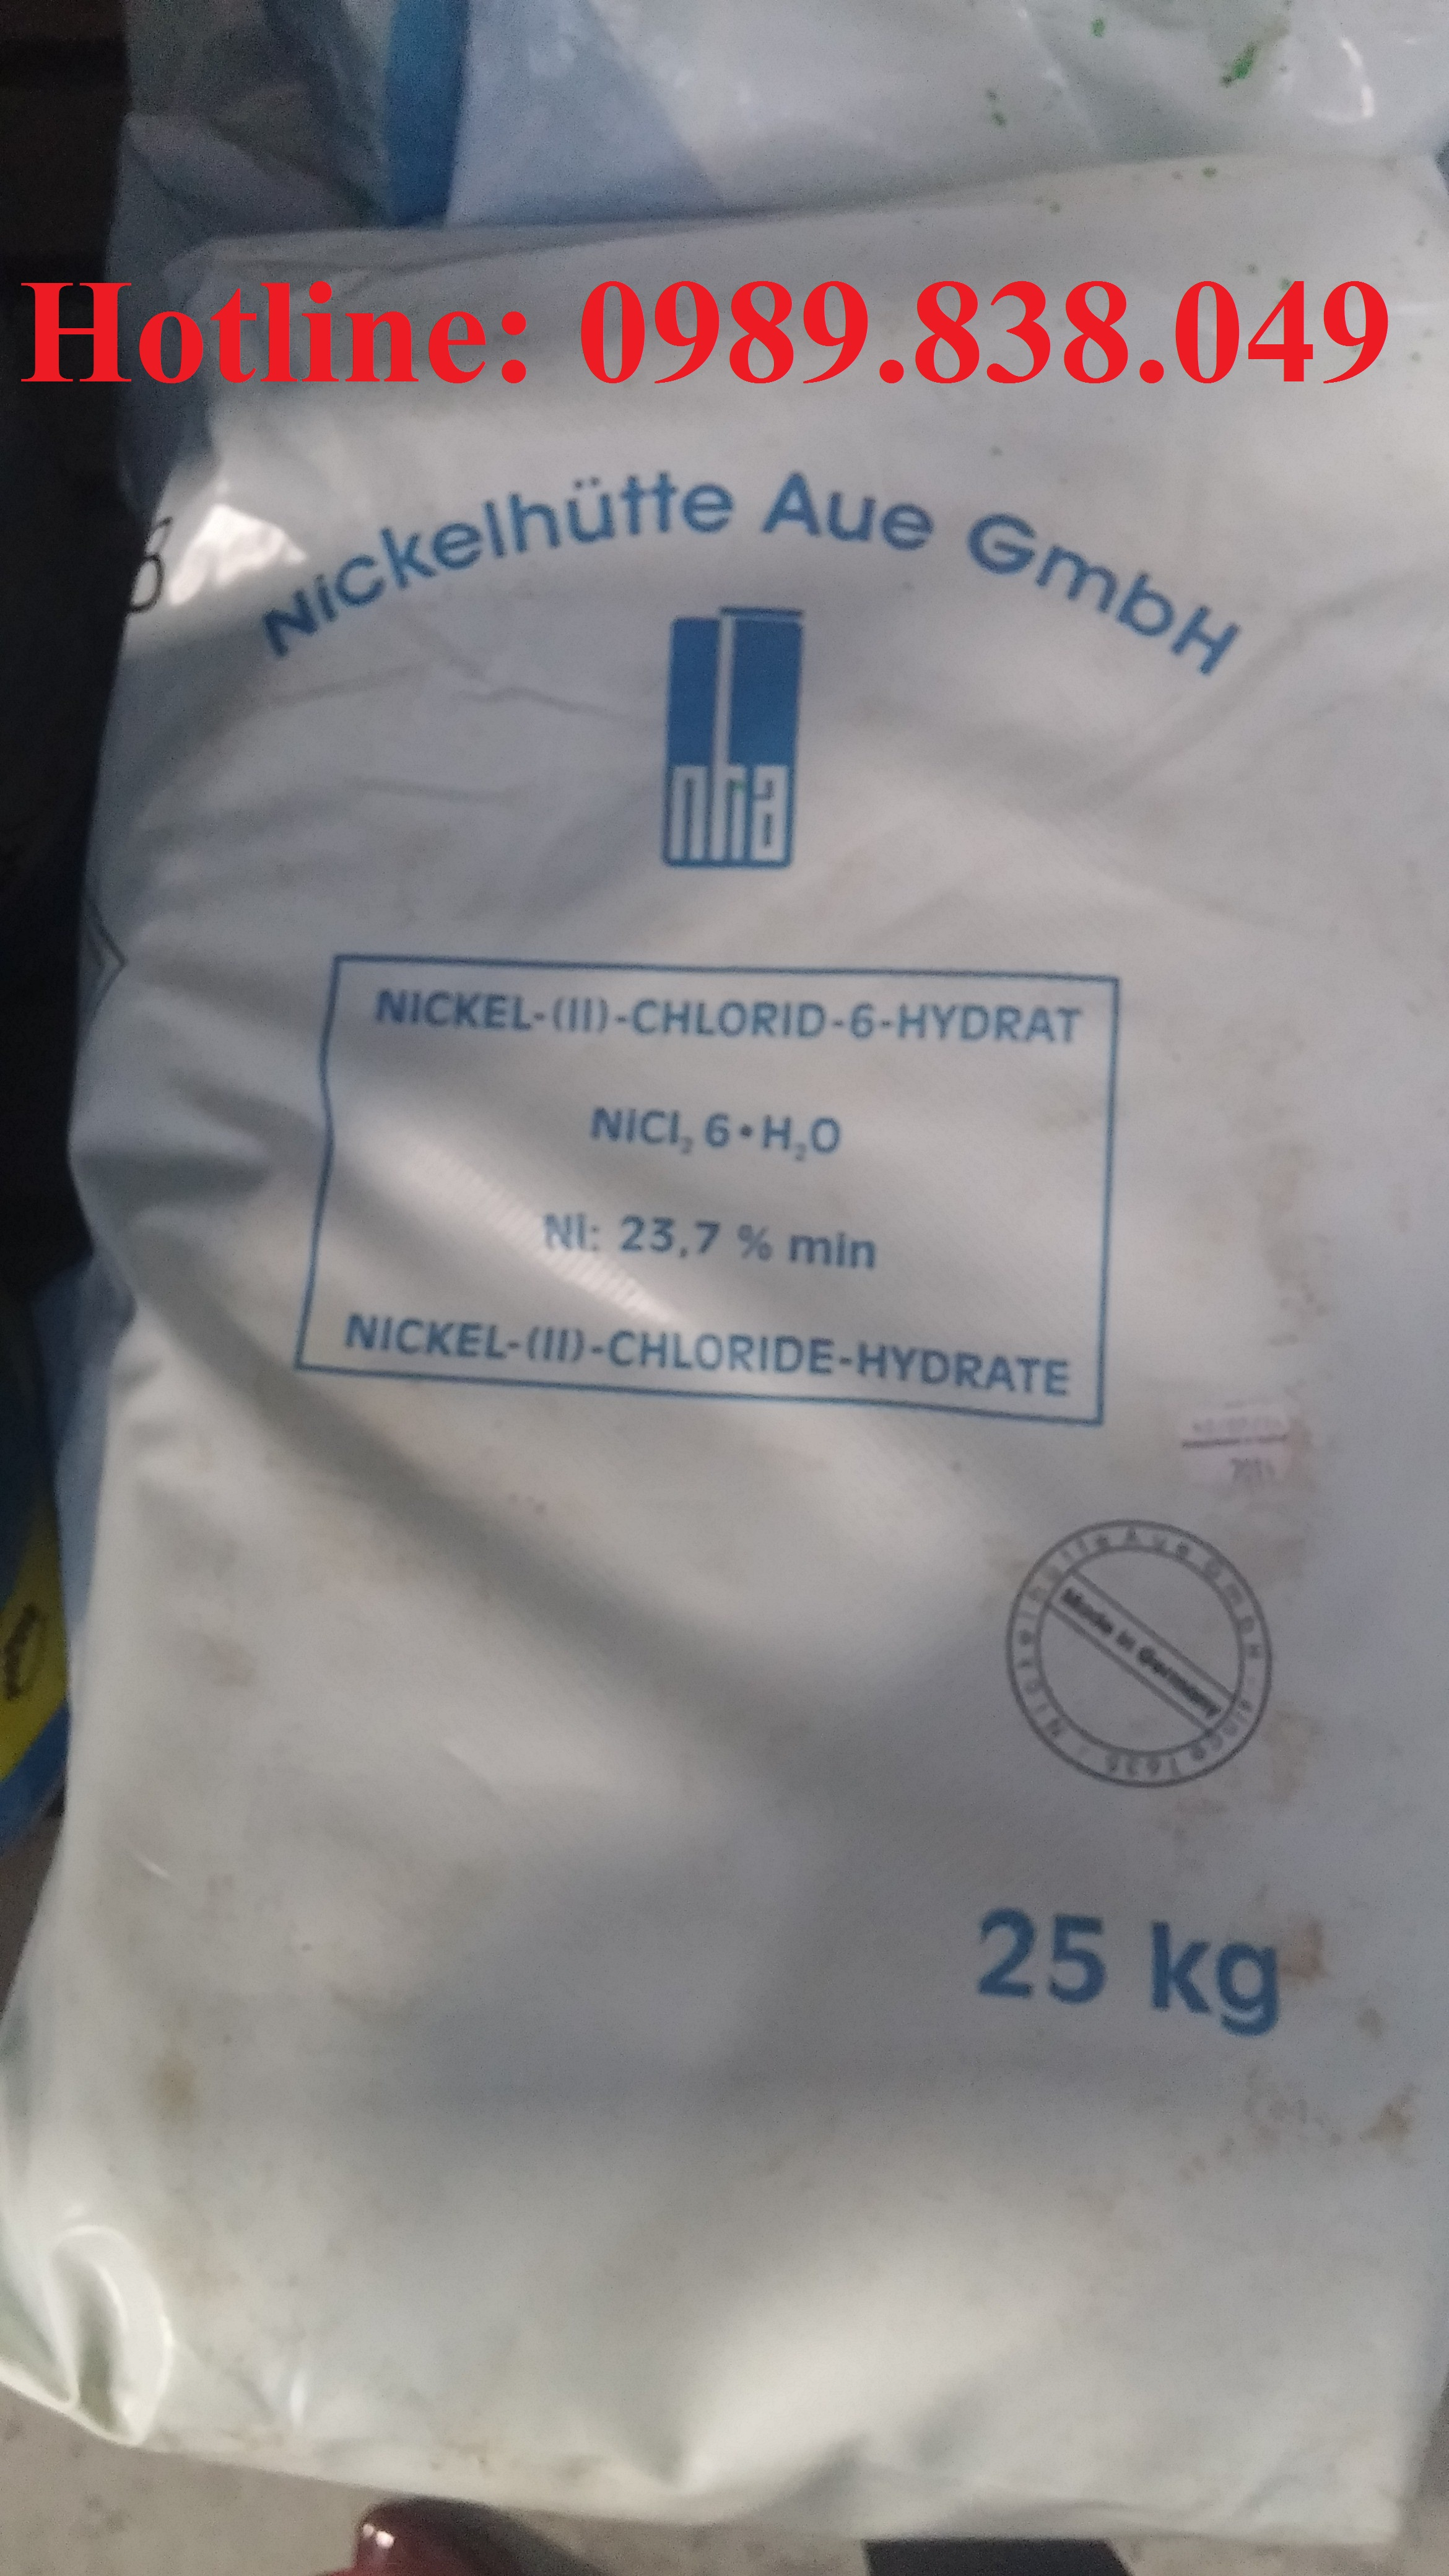 Niken clorua - NiCl2 - Nickel Chloride